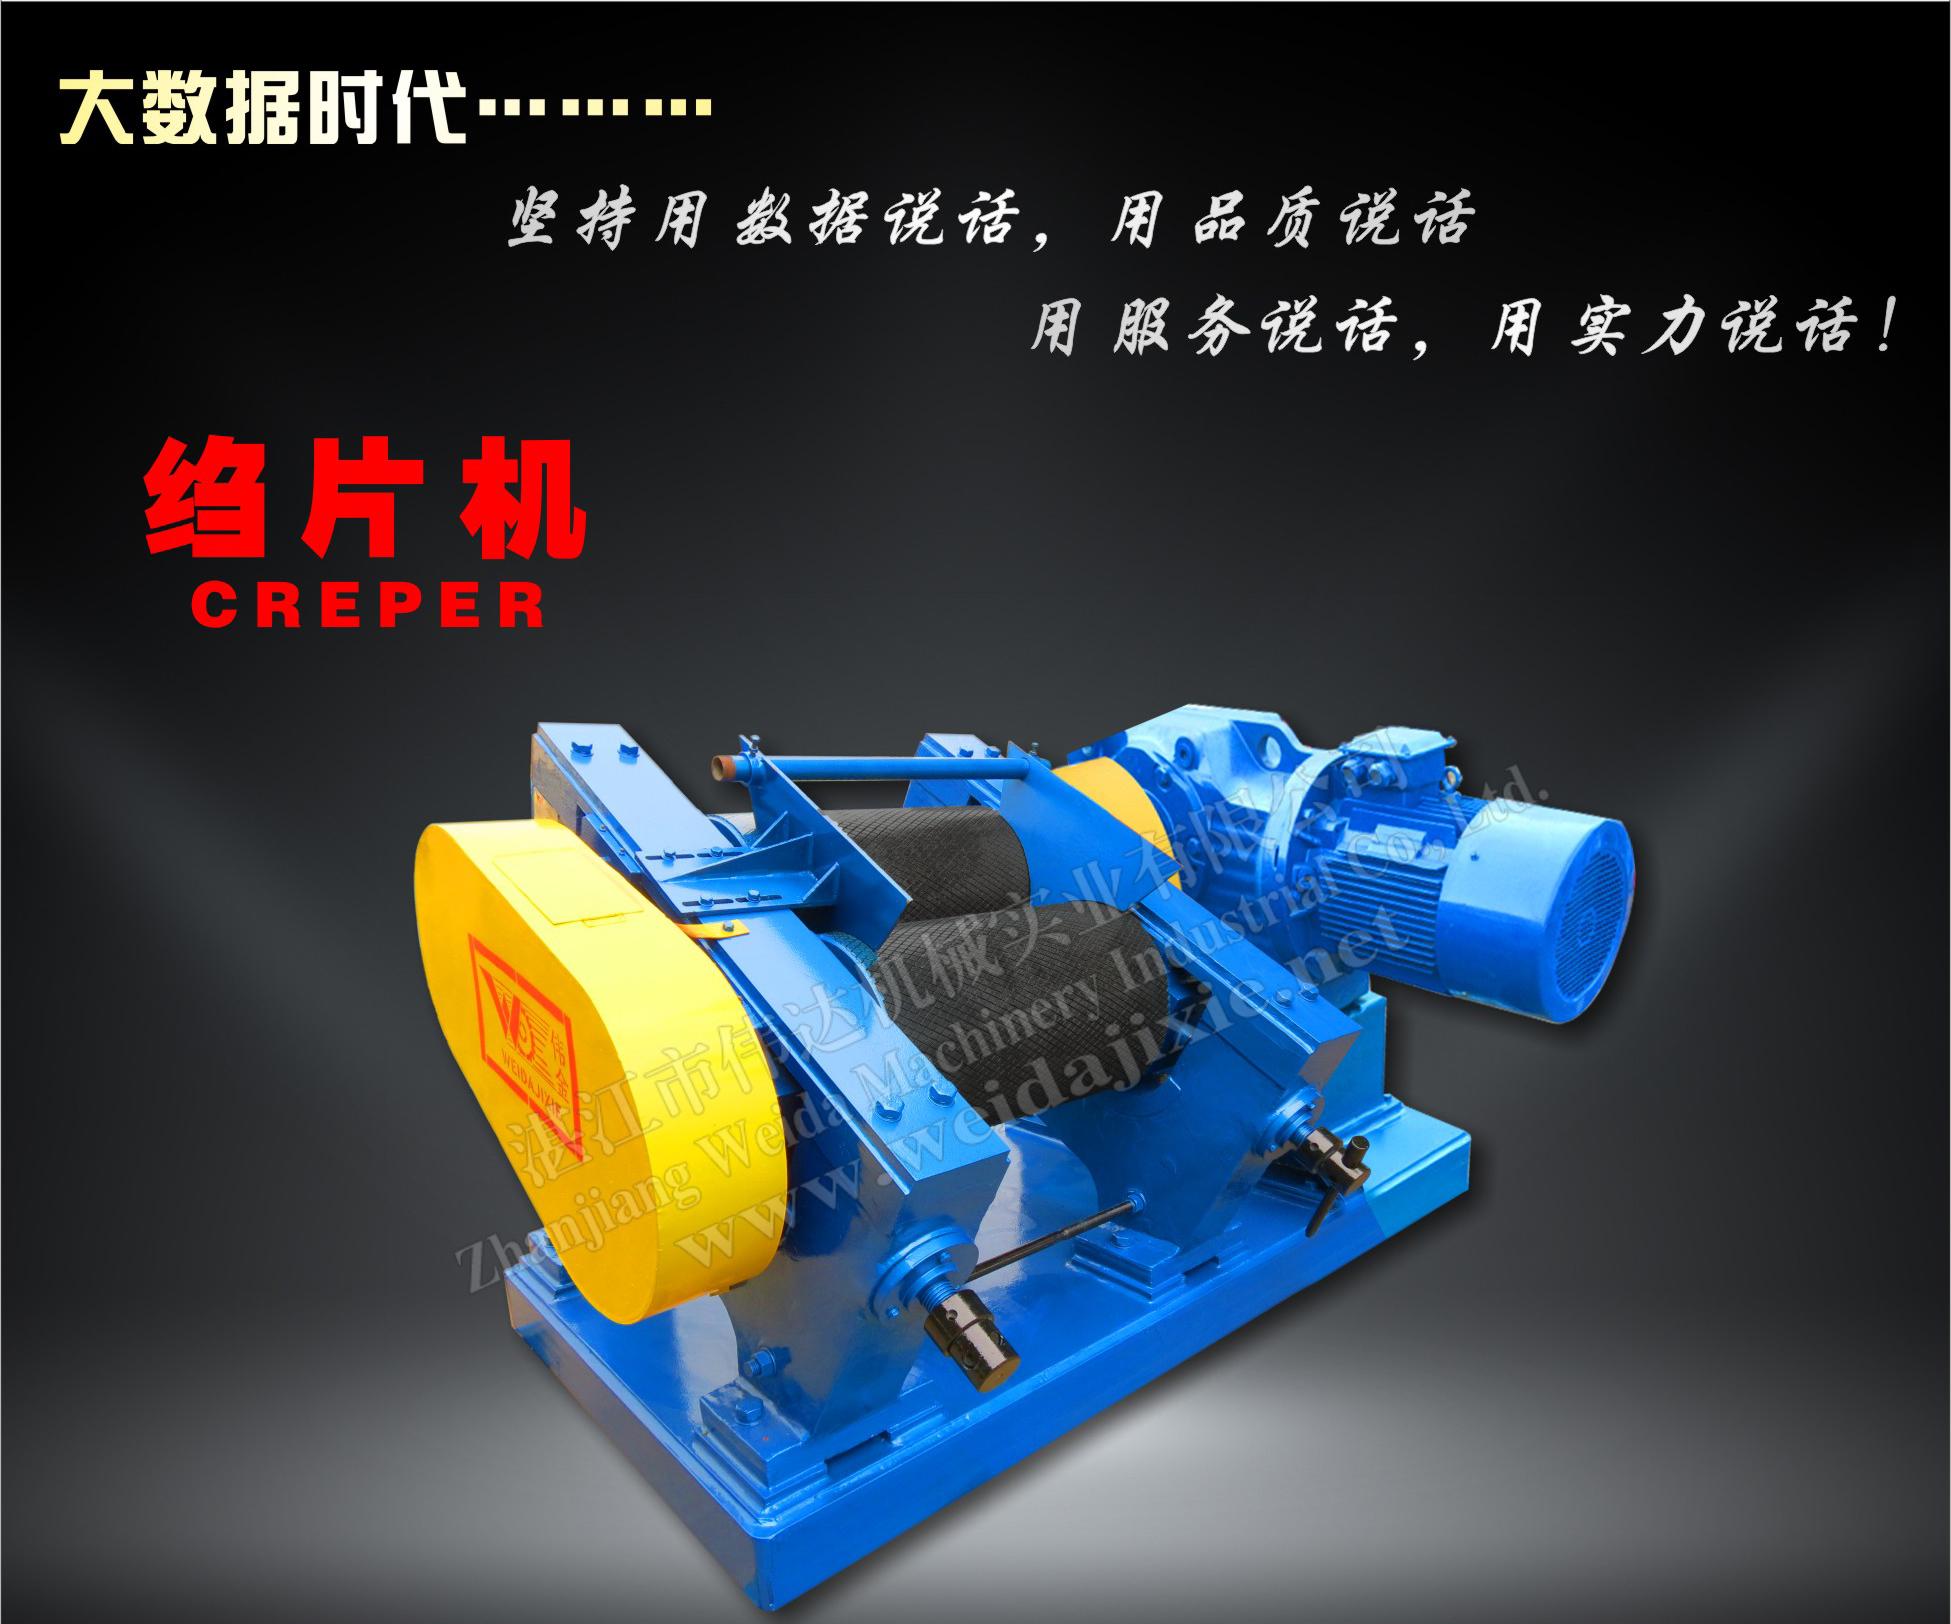 橡胶初加工绉片机 标准胶的制作方法 橡胶加工工艺